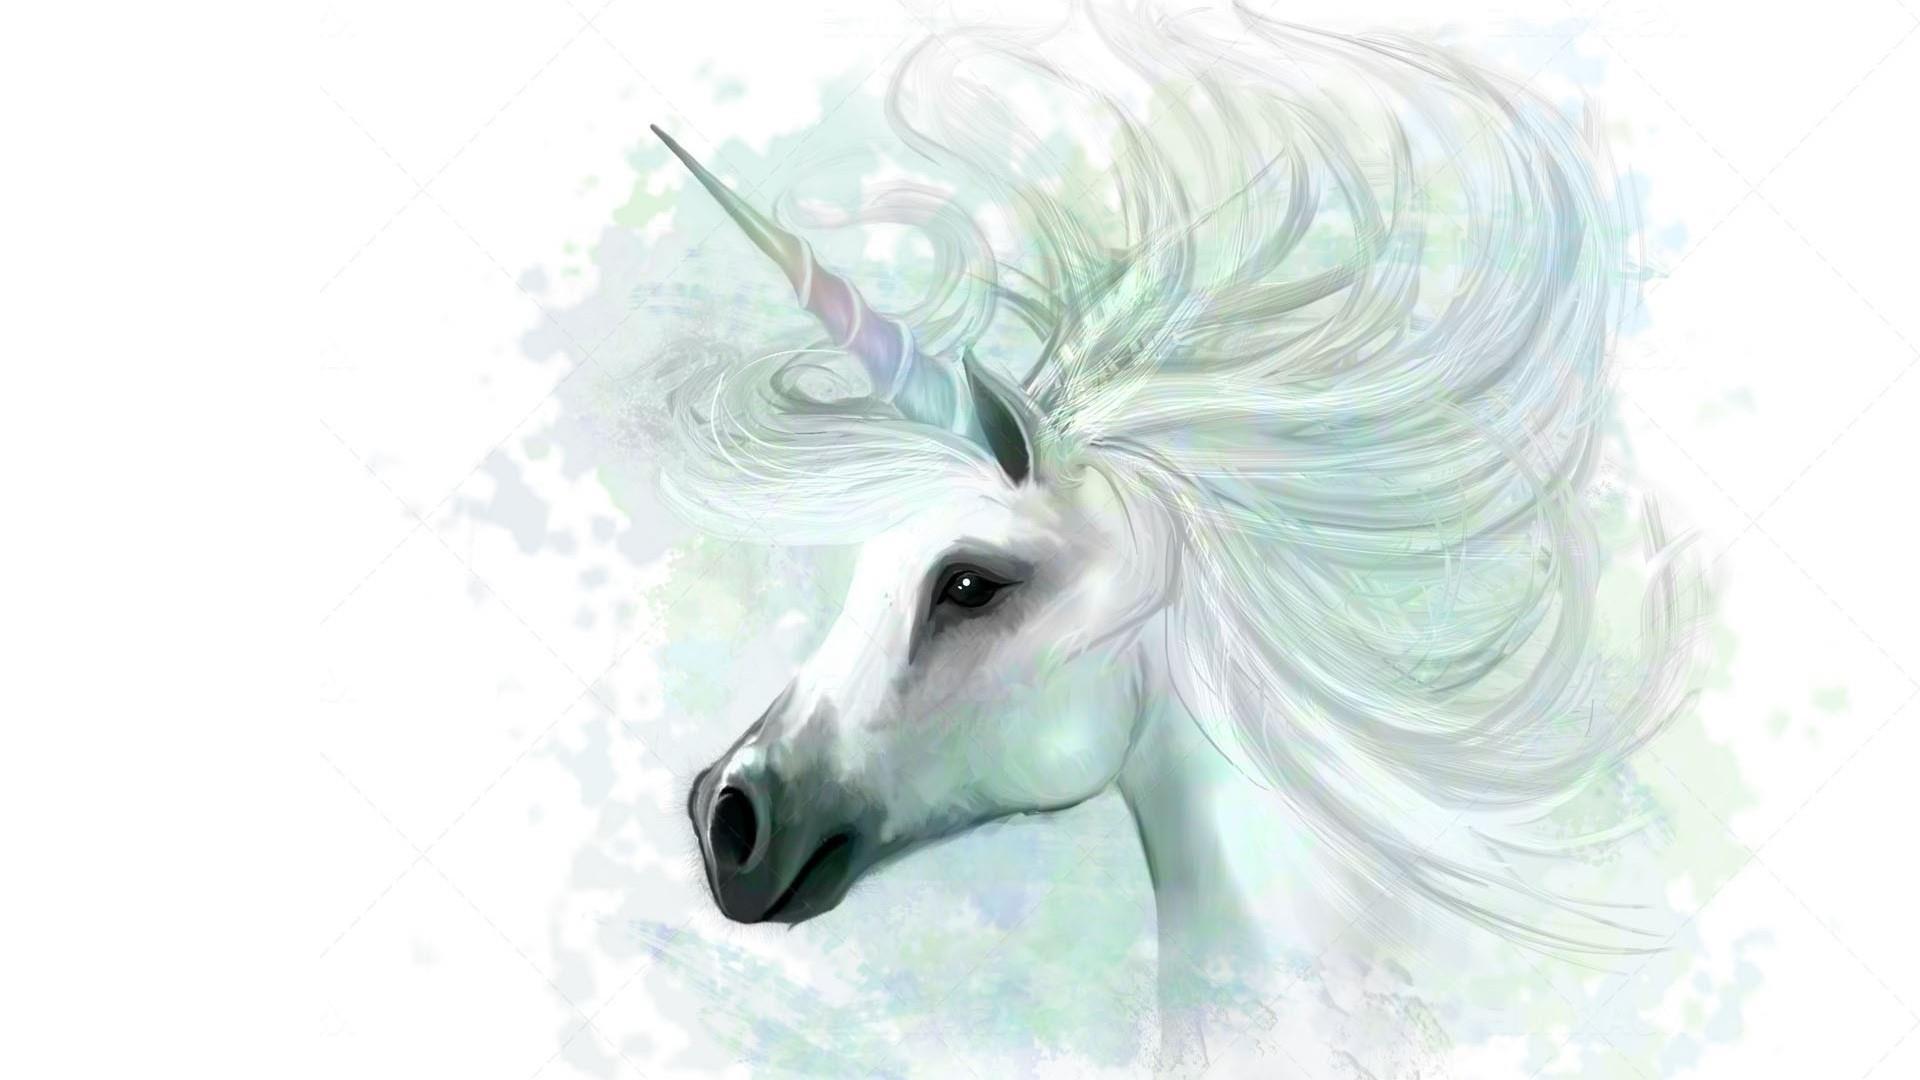 Unicorn background 6